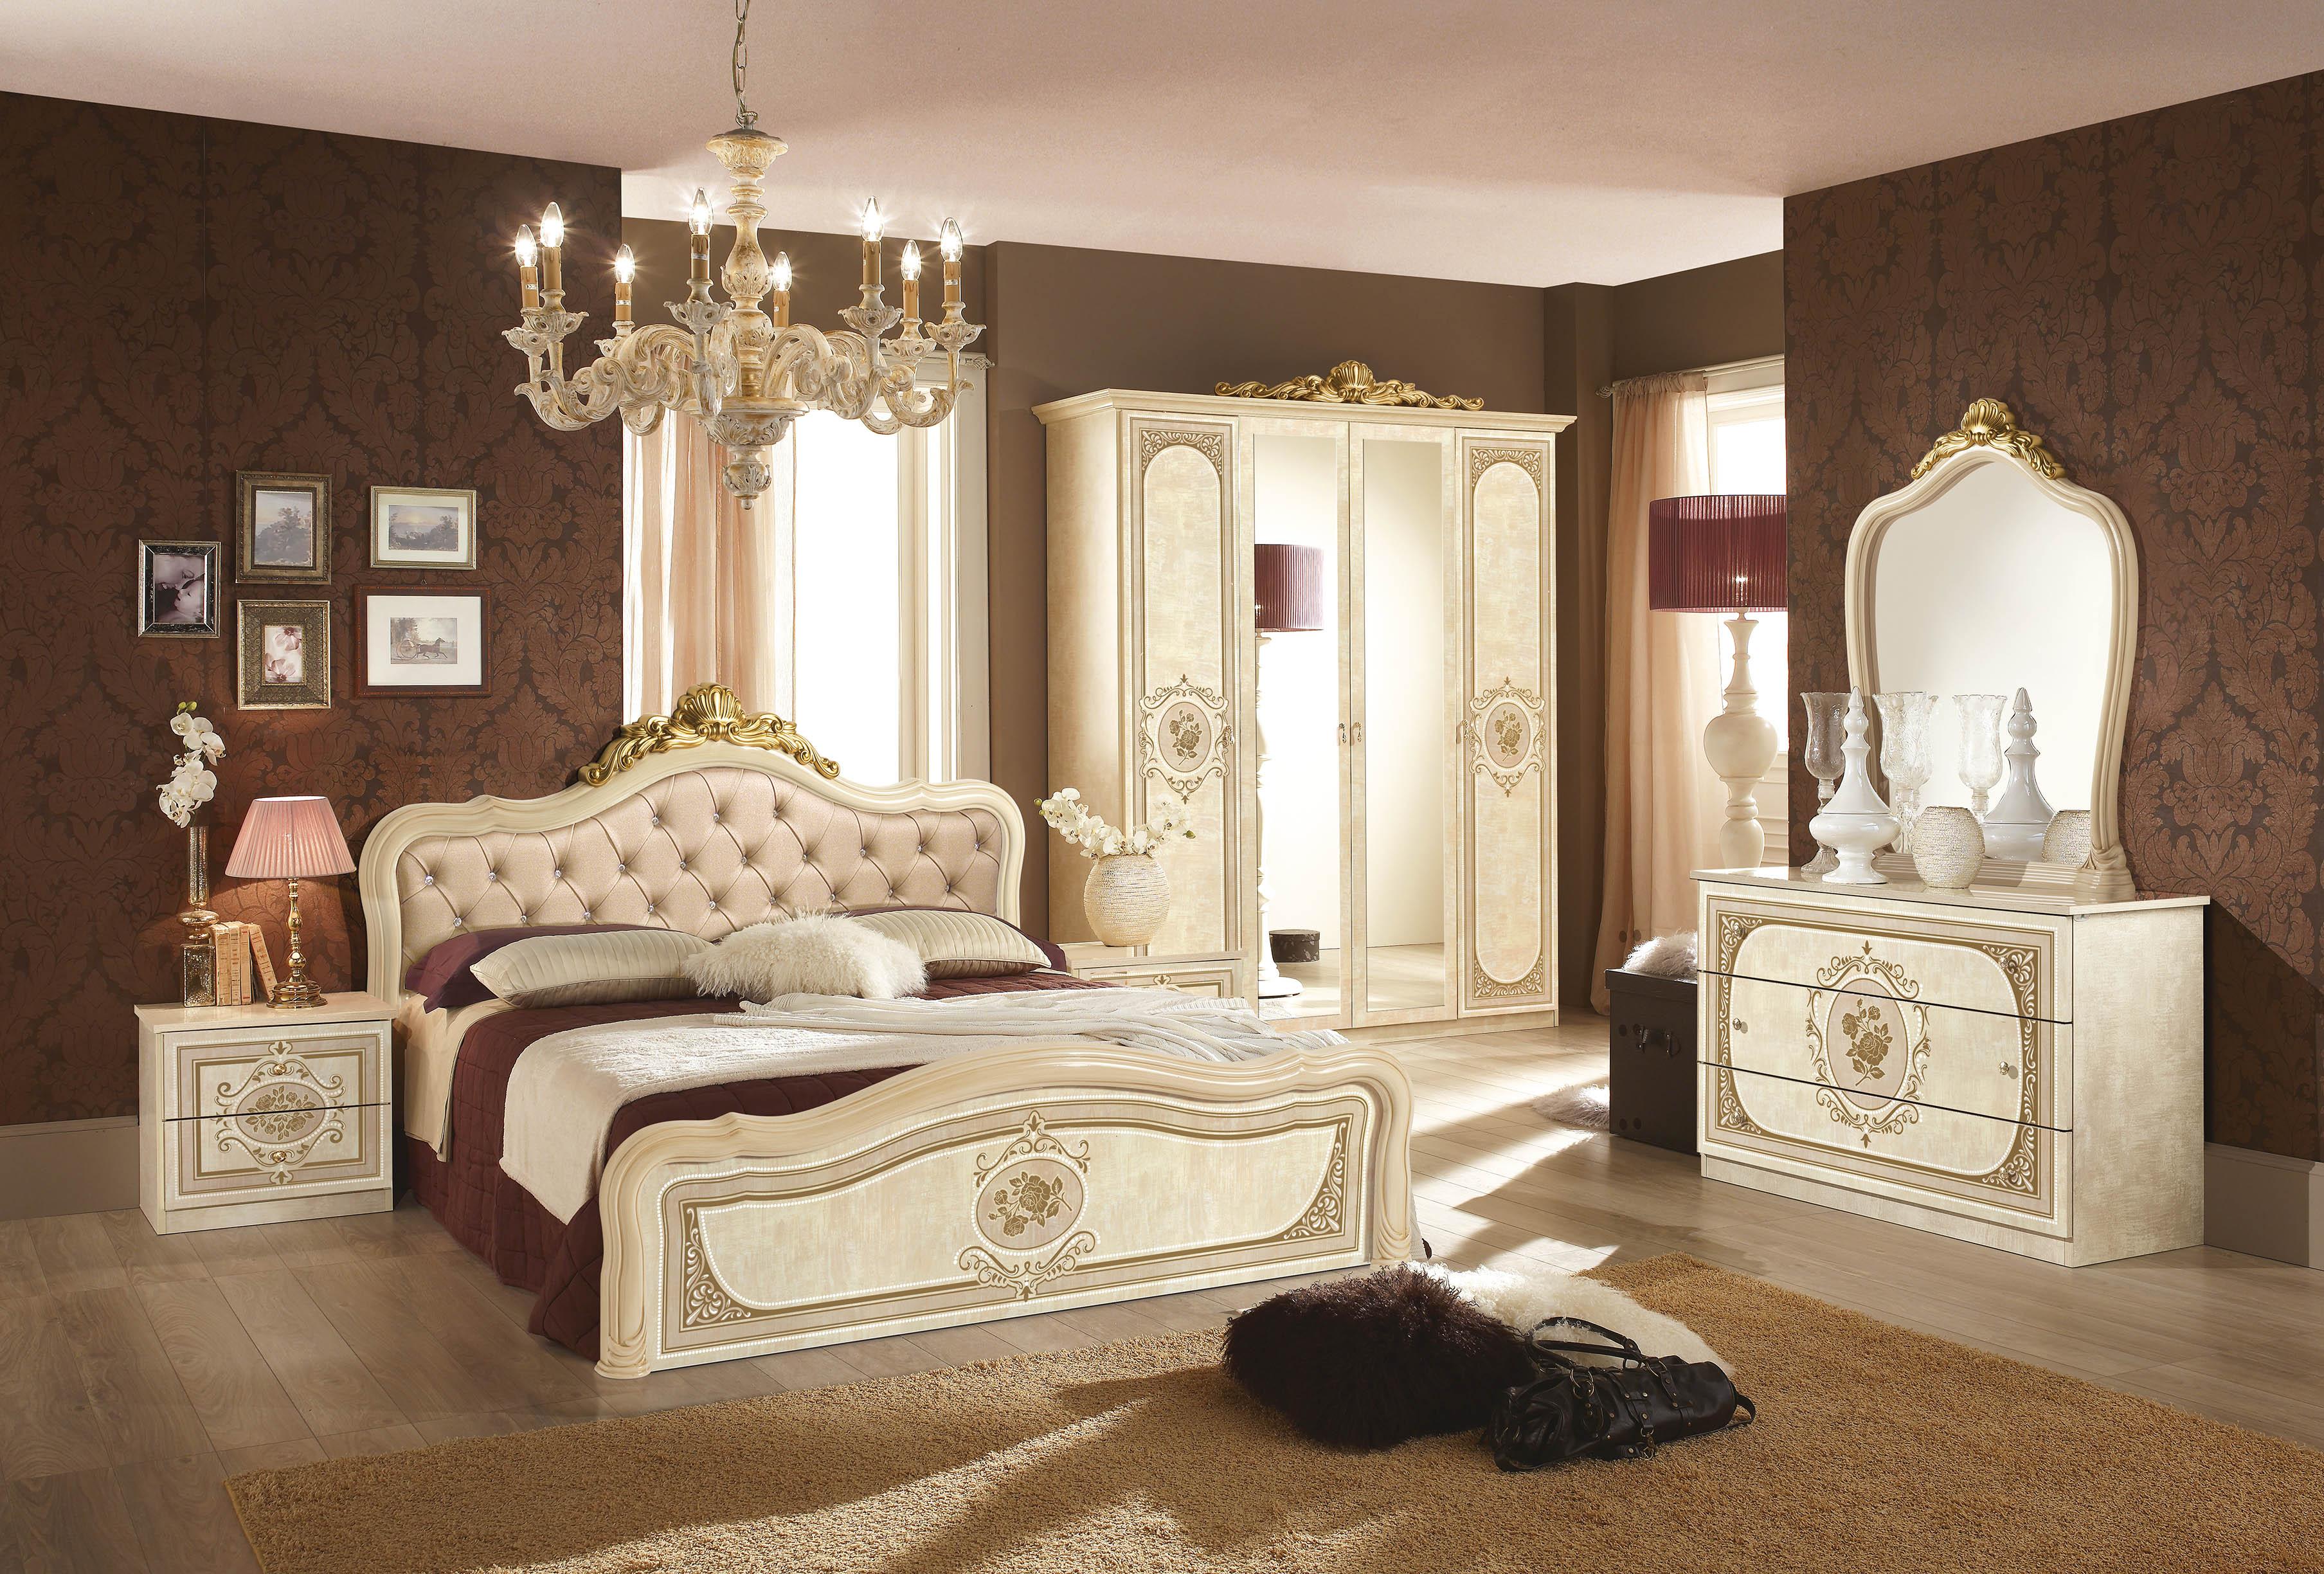 Barock Schlafzimmer Komplett Kaufen Mobel Gebraucht Entzuckend ...